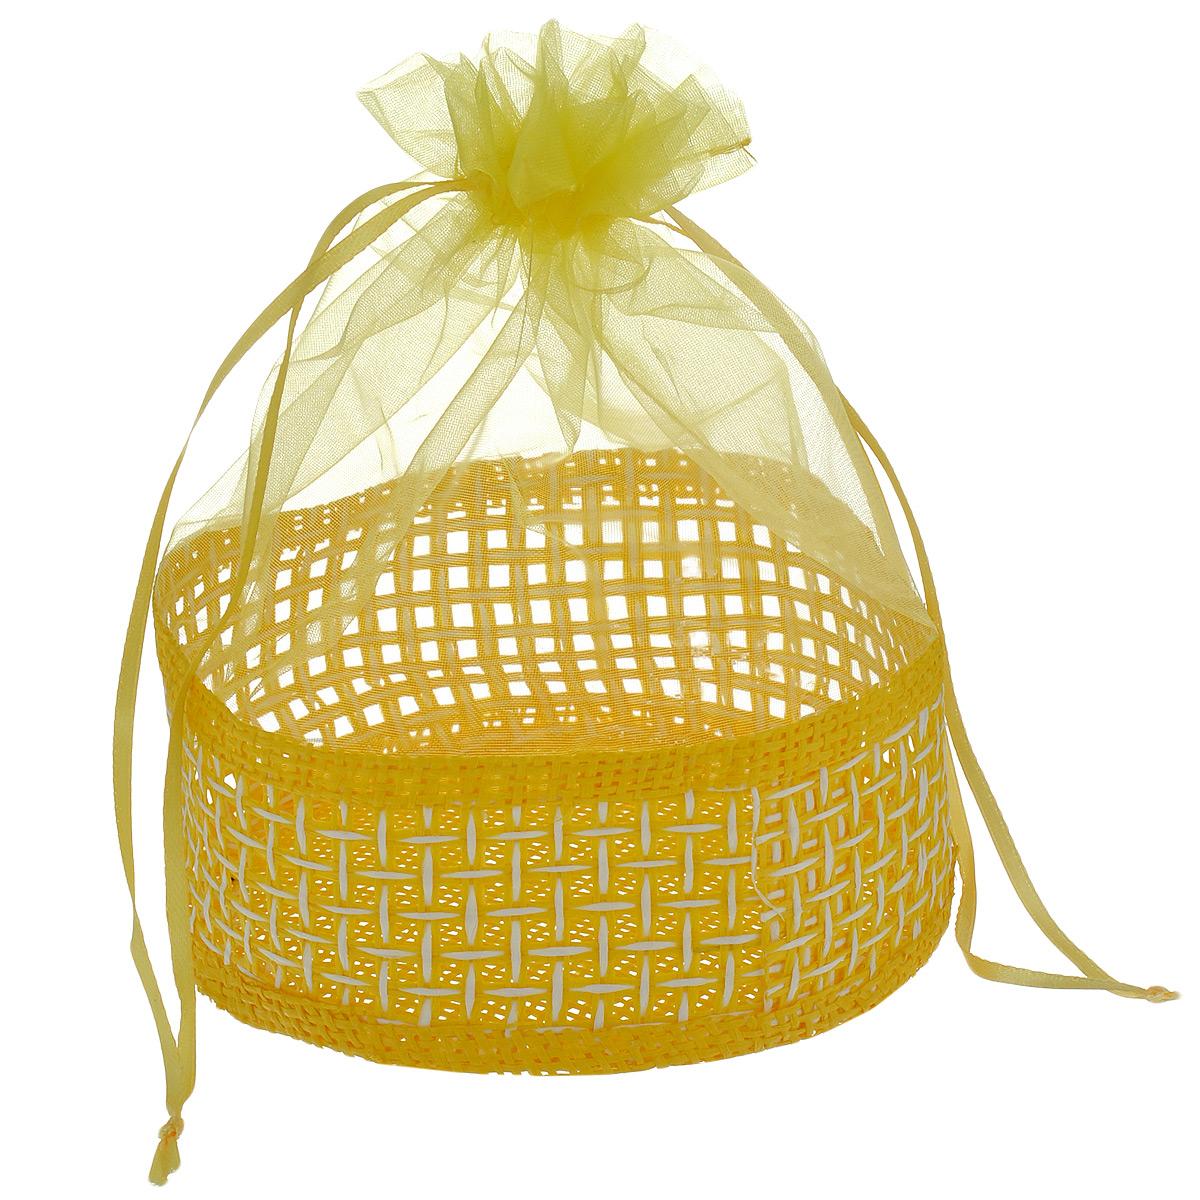 Корзинка Home Queen Подарок, цвет: желтый, 13 см х 20 см66826_6Декоративная корзинка Home Queen Подарок прекрасно подойдет в качестве подарочной упаковки, в ней также удобно хранить различных бытовые и косметические принадлежности. Изделие имеет жесткое основание в виде плетеной корзинки, верх выполнен из полупрозрачного полиэстера. Корзинка закрывается на кулиску.